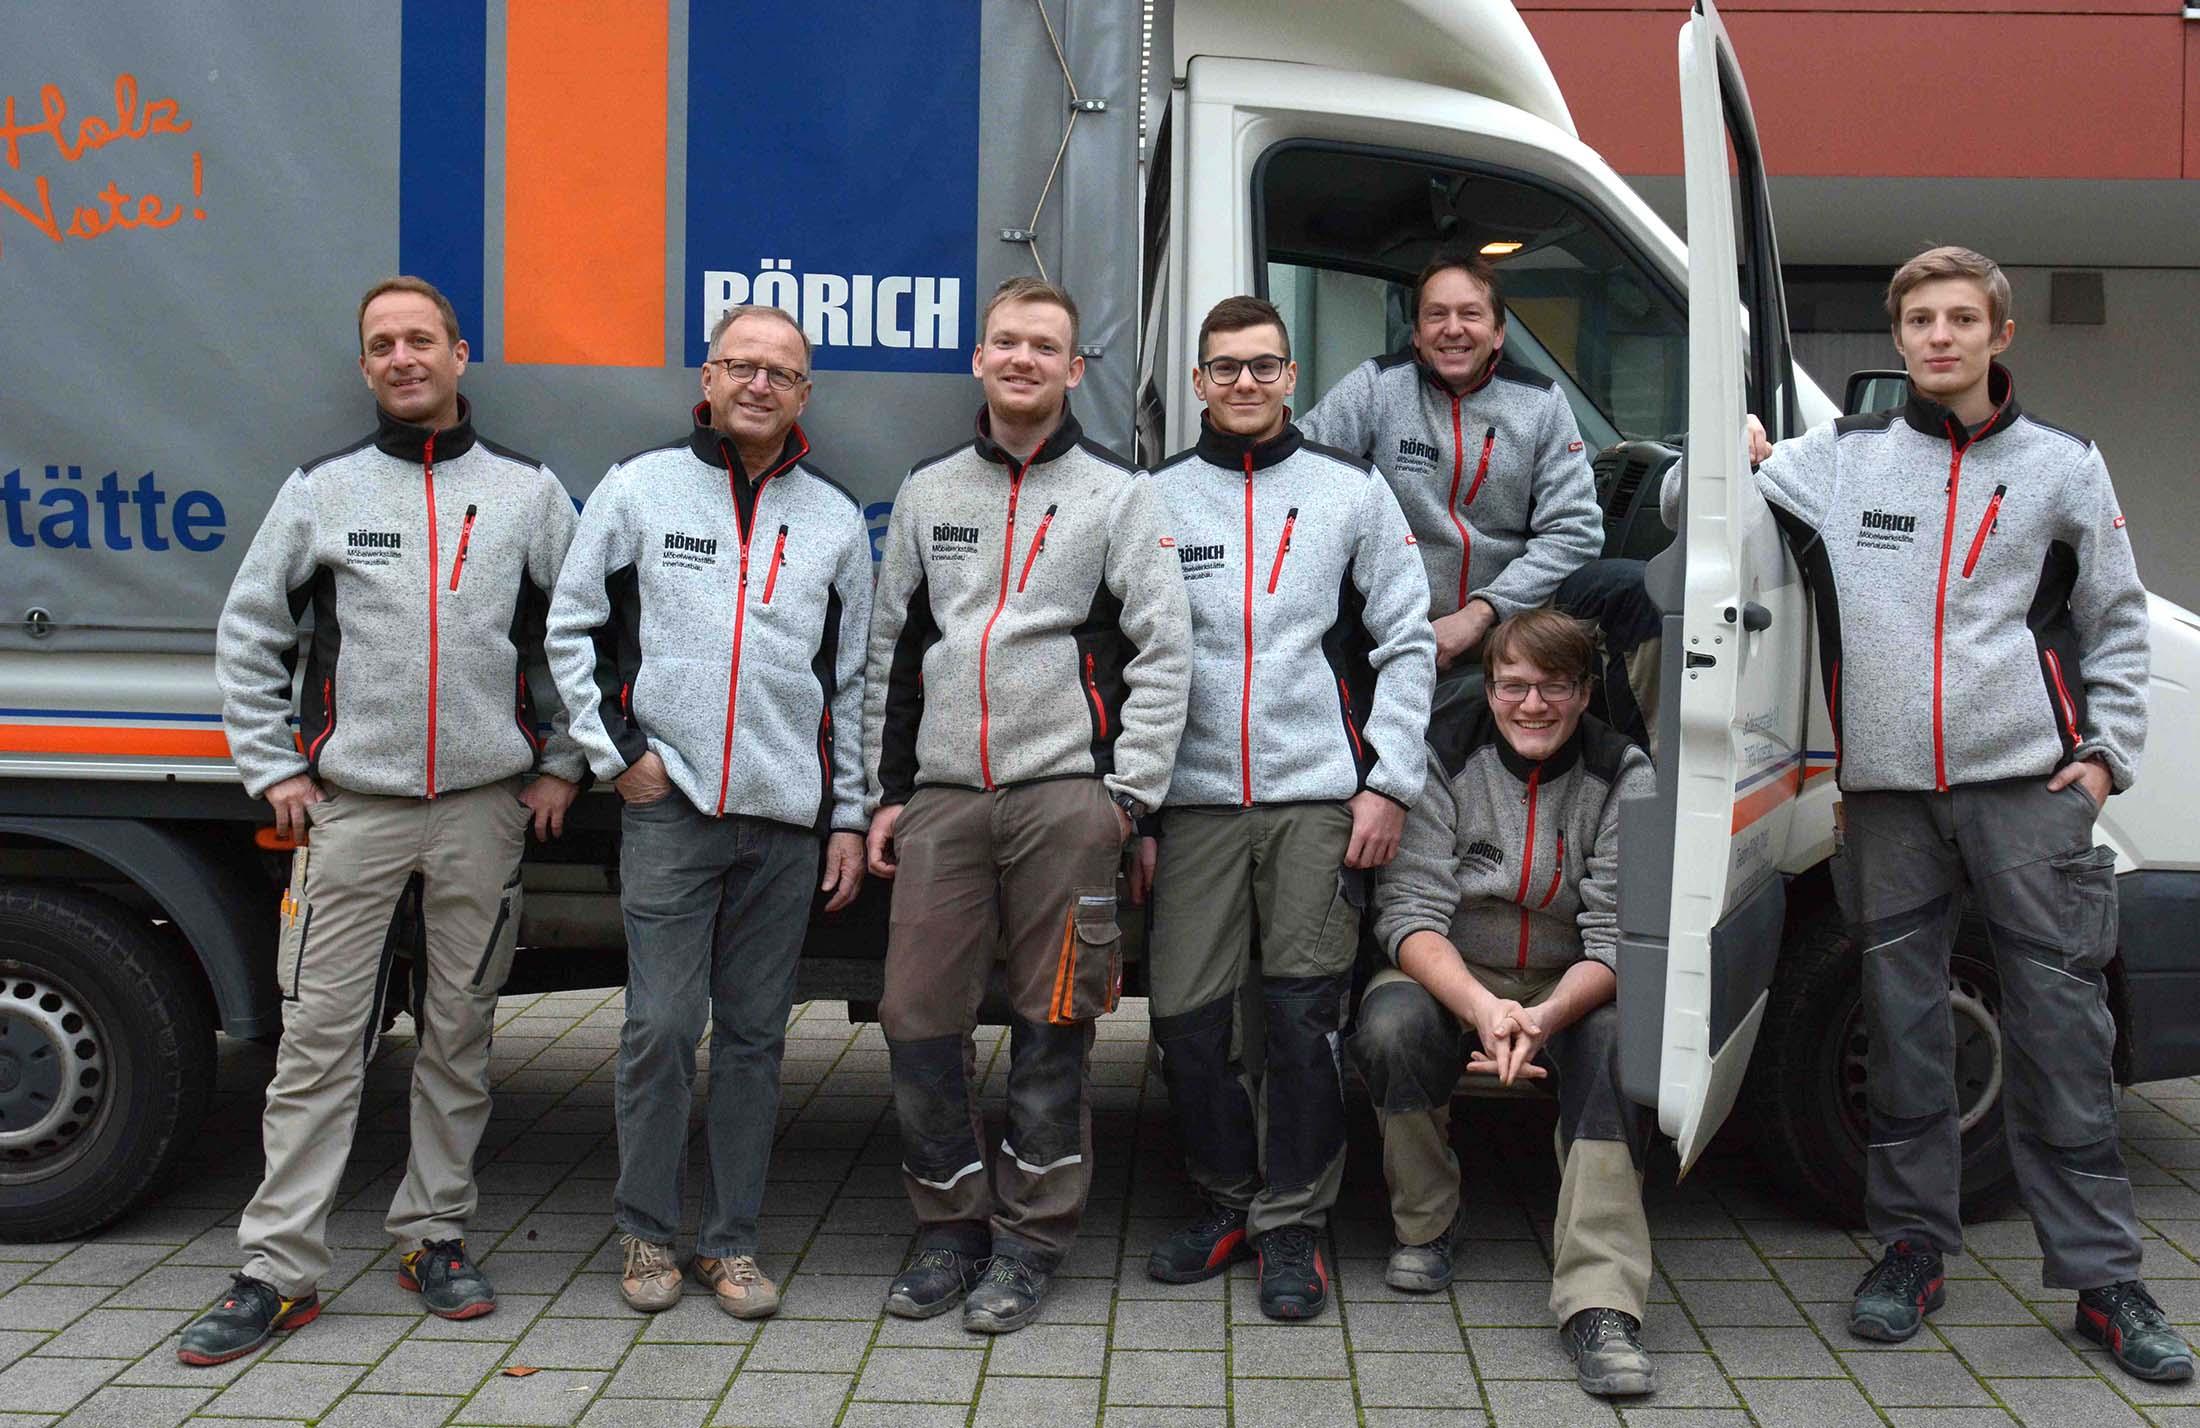 Unser Team - Innenausbau Rörich